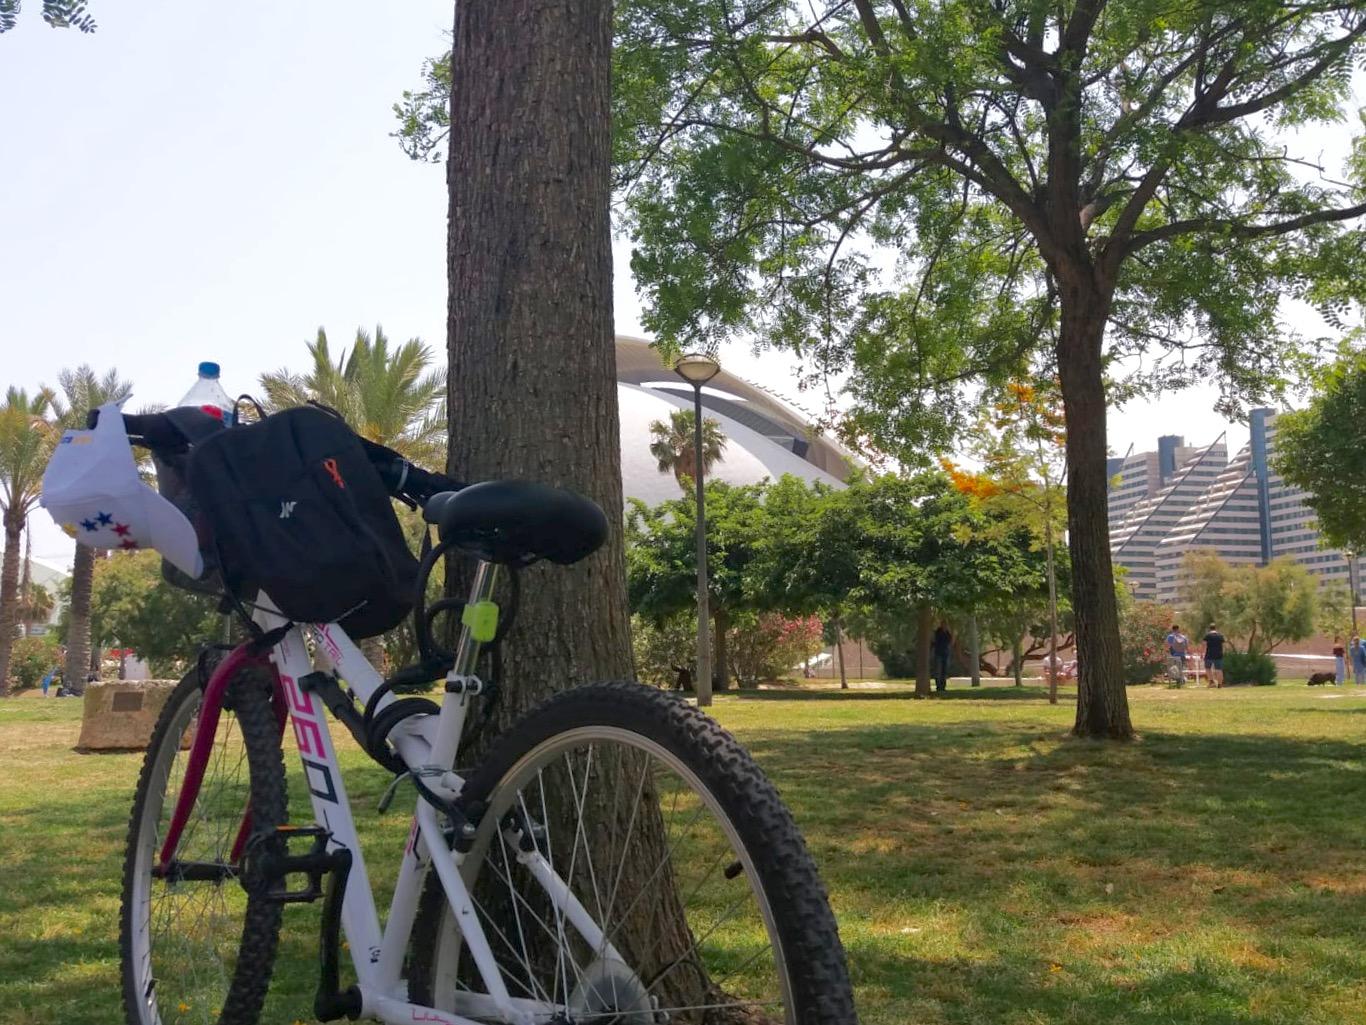 paseando en bici en valencia